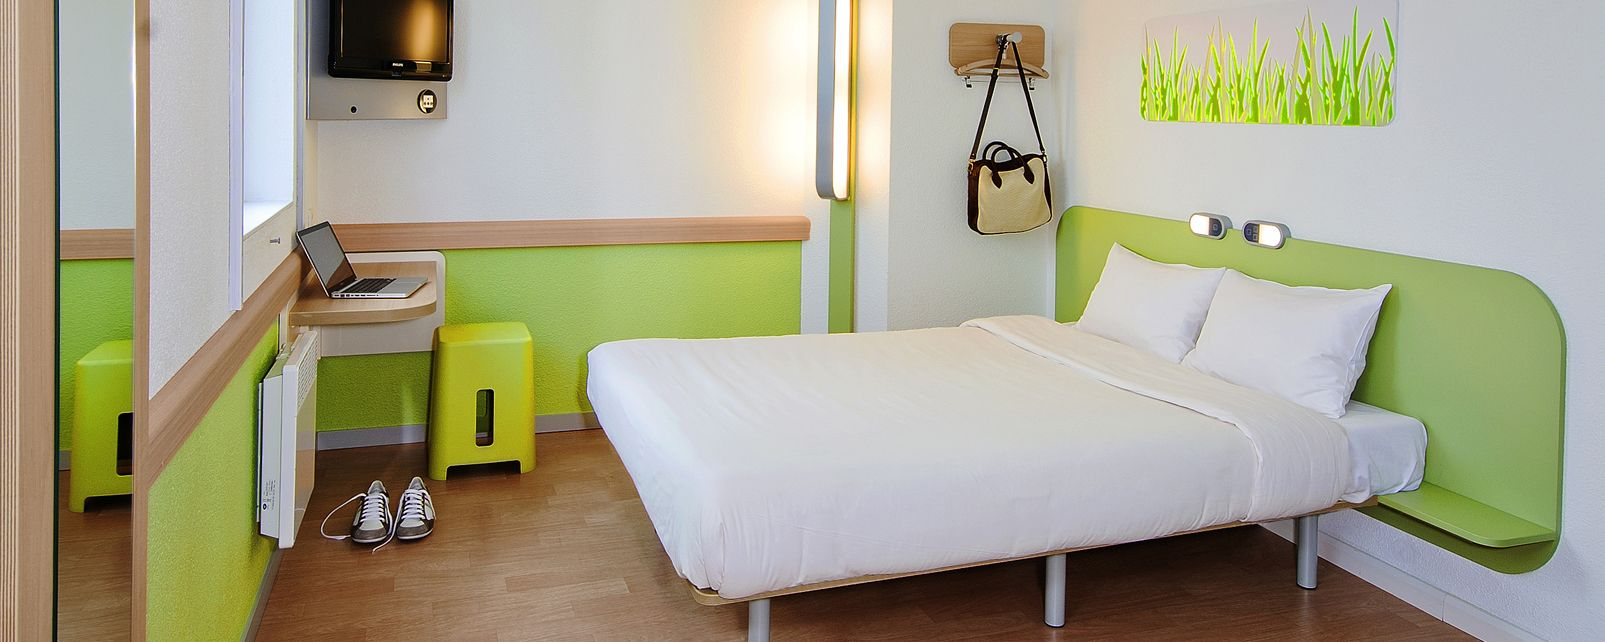 H tel ibis budget paris porte de vincennes - Ibis budget hotel porte de vincennes ...